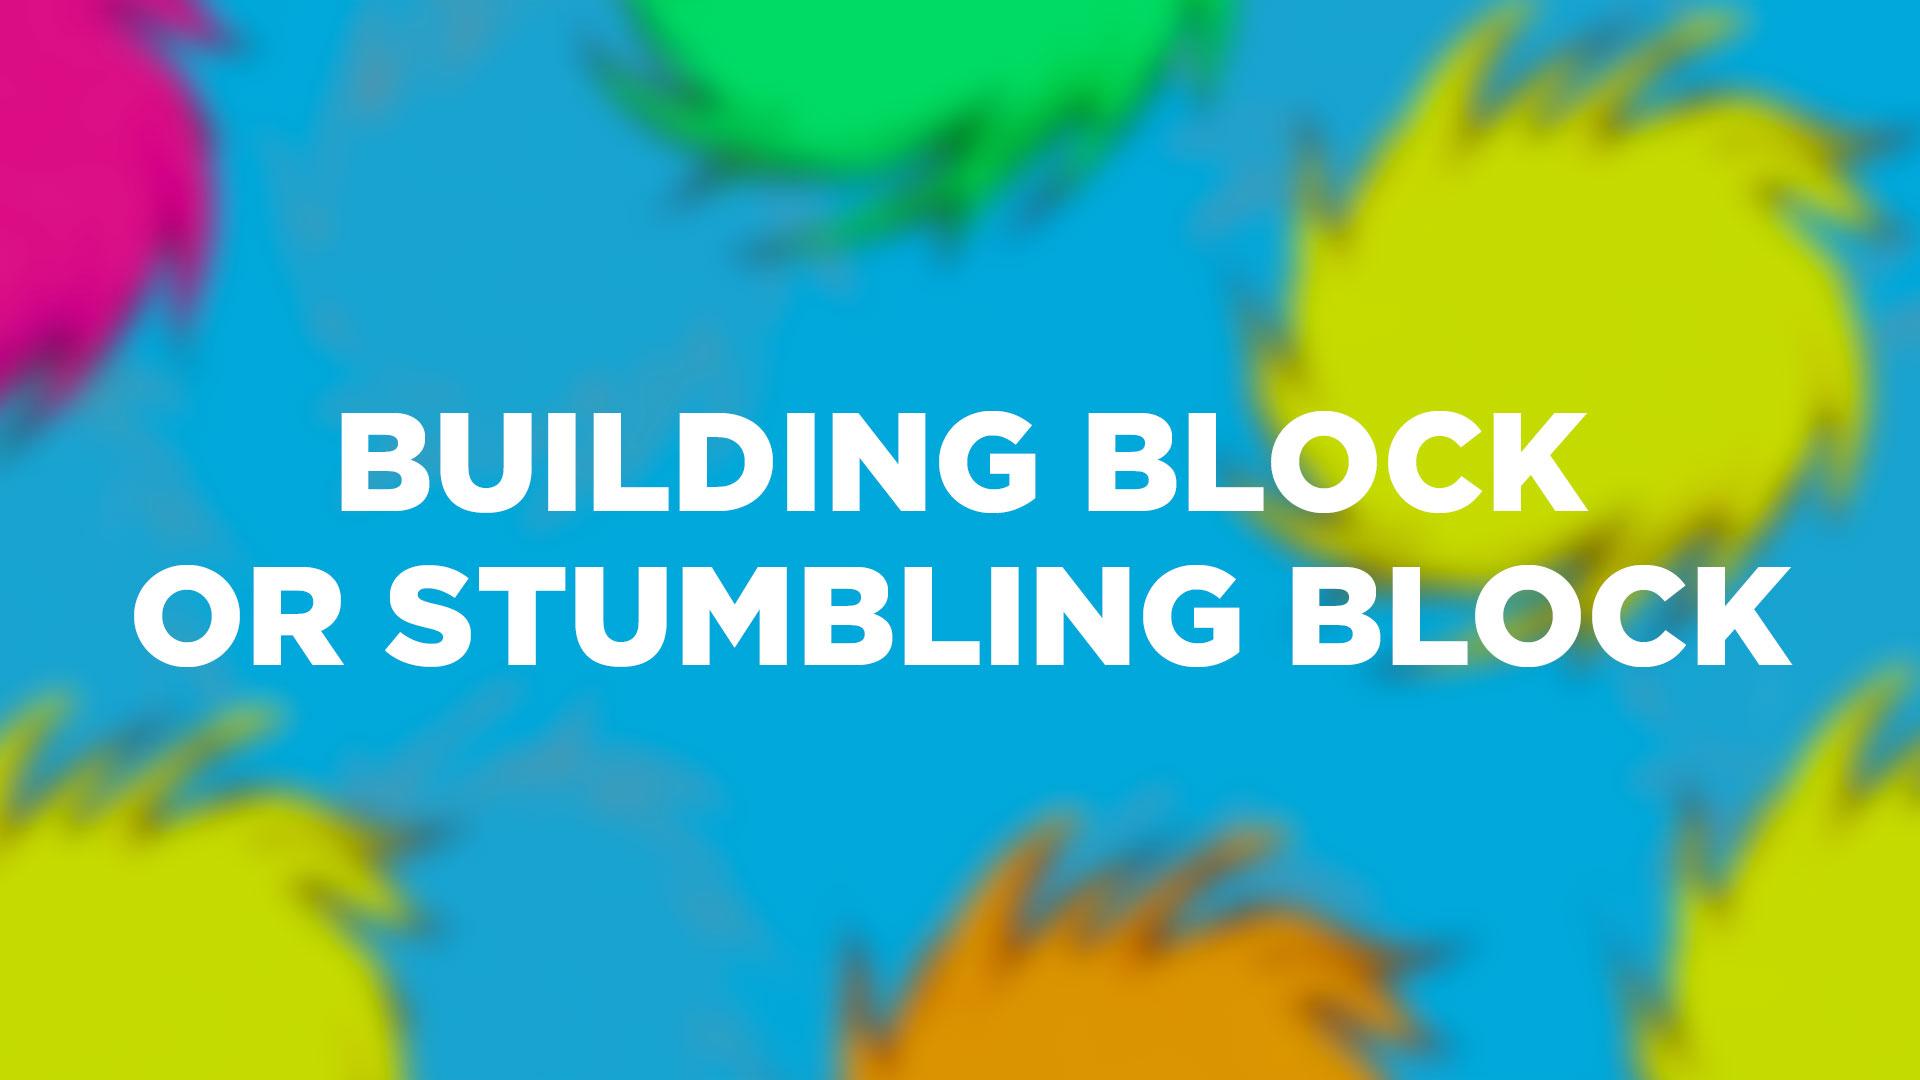 Building Block Or Stumbling Block